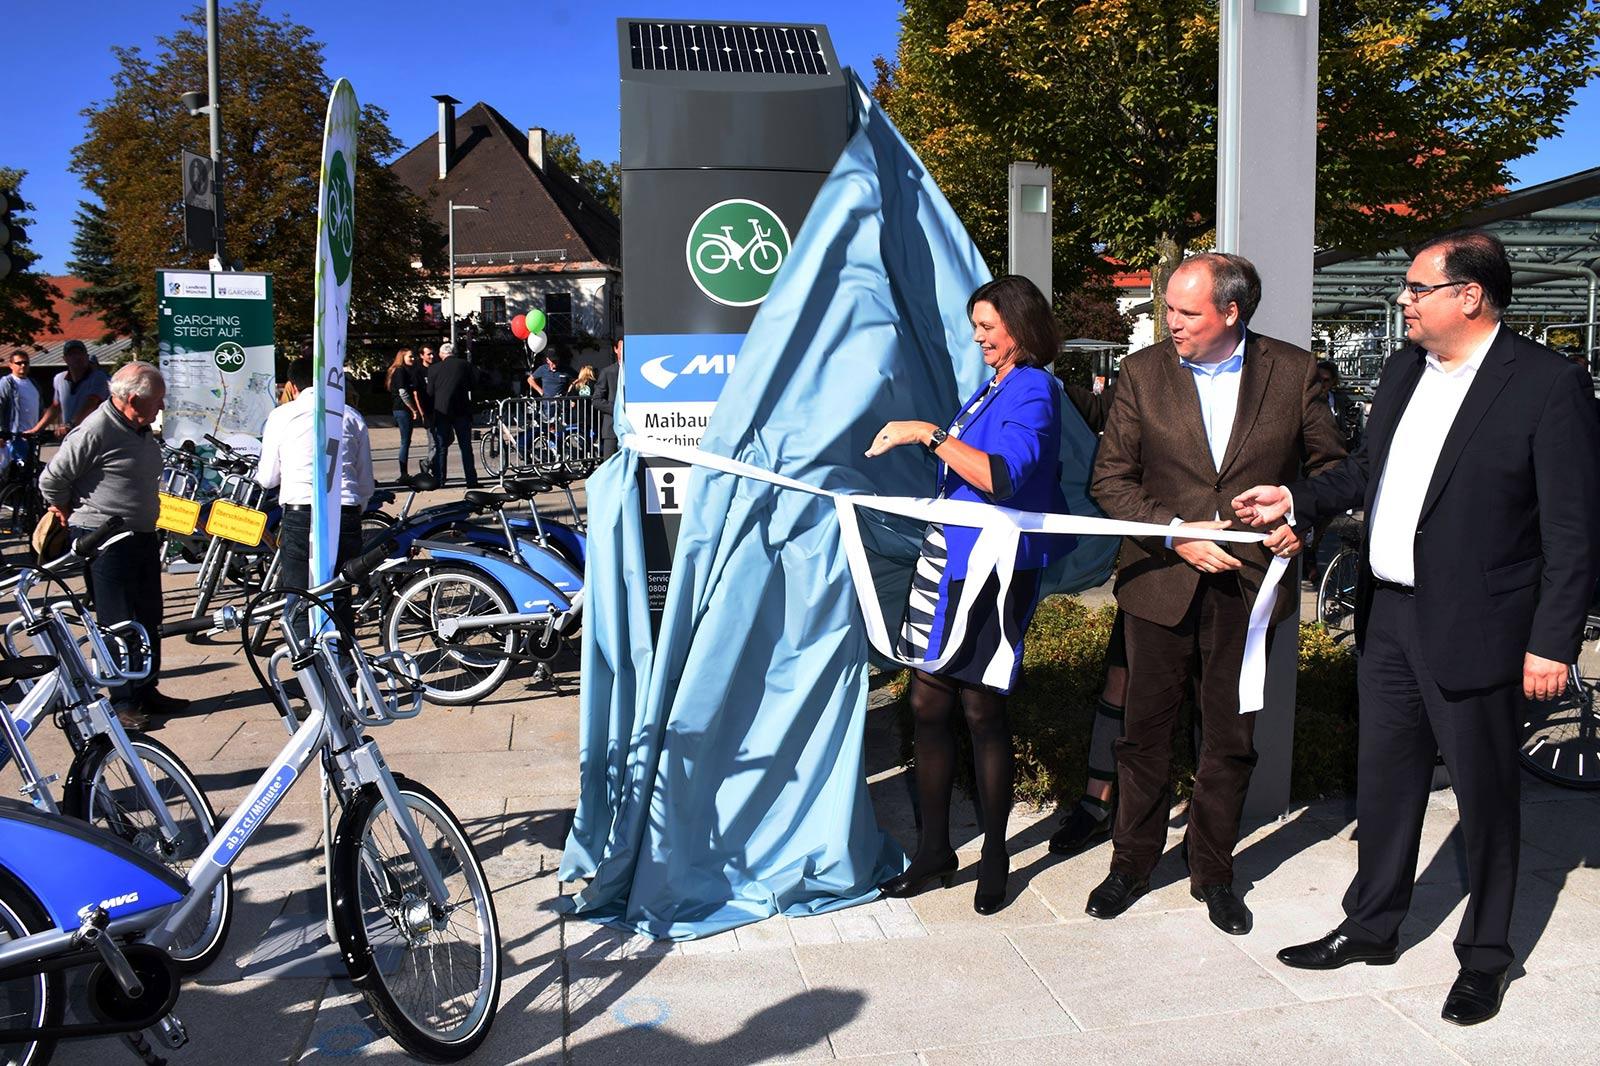 Zwei Männer und eine Frau enthüllen eine Station für Leihräder.